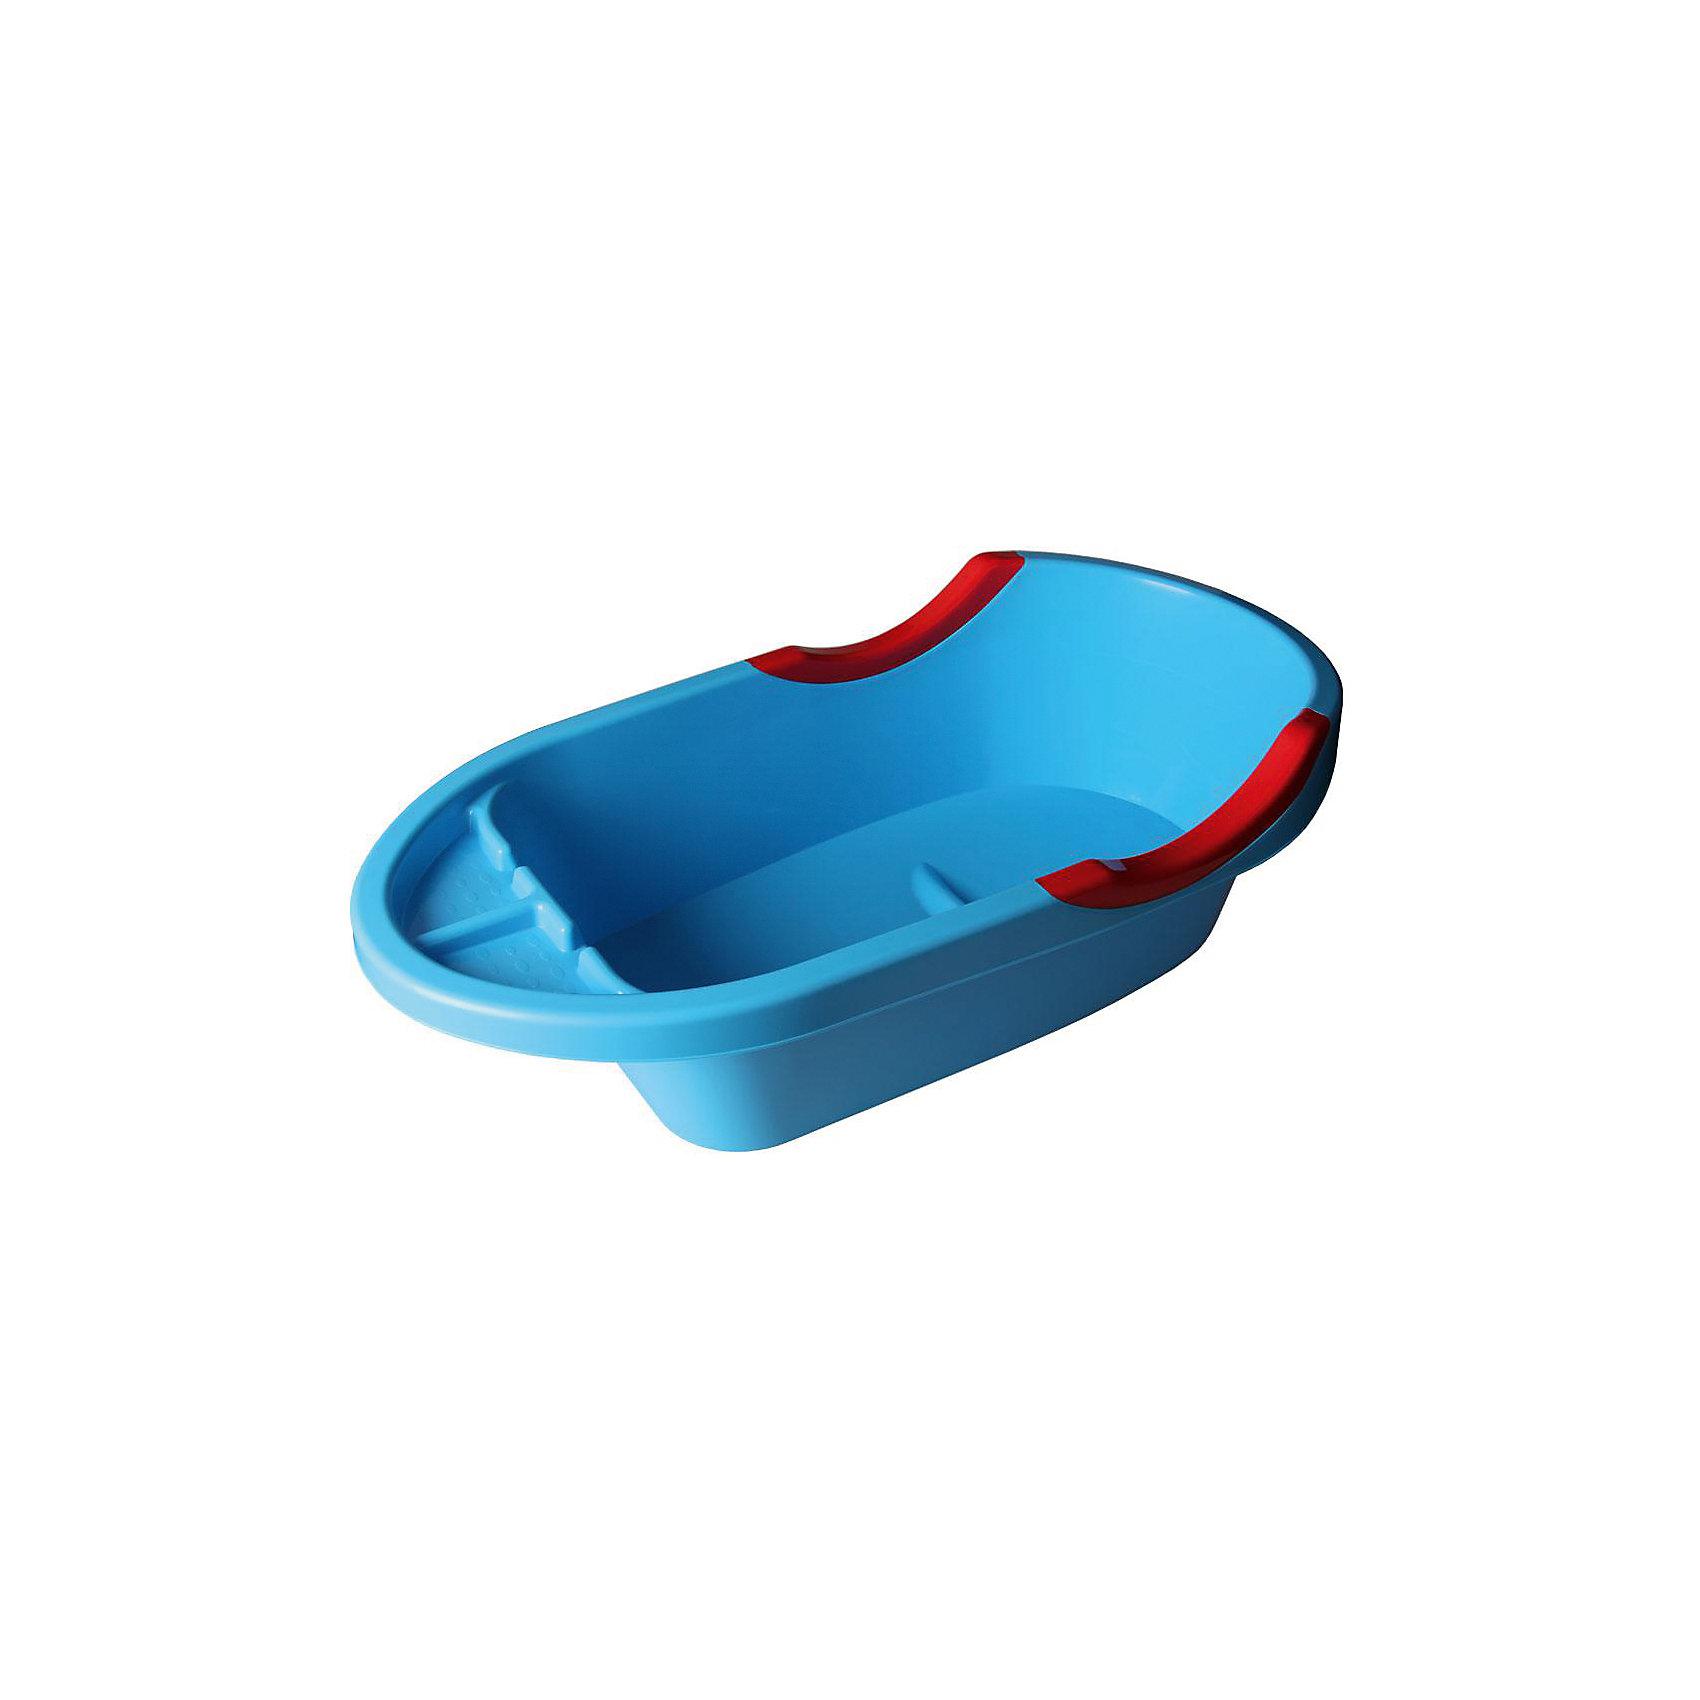 Ванна детская большая Малышок люкс ,  Alternativa, син.Малышок люкс - объемная ванночка для детей. Благодаря большому размеру, в ванне можно купать и новорожденных, и подросших малышей, умеющих сидеть. С одной стороны ванночки есть удобная подставка для шампуня, пенки или игрушек. Дно оснащено выступом в форме сидения. Бортики имеют углубления для ручек крохи. Такую практичную ванночку по достоинству оценят и малыши, и взрослые! <br><br>Дополнительная информация:<br>Цвет: синий<br>Размер: 90,4х47,5х25,5 см<br><br>Большую детскую ванну Малышок люкс можно приобрести в нашем интернет-магазине.<br><br>Ширина мм: 904<br>Глубина мм: 475<br>Высота мм: 255<br>Вес г: 1392<br>Возраст от месяцев: 0<br>Возраст до месяцев: 6<br>Пол: Унисекс<br>Возраст: Детский<br>SKU: 4979675